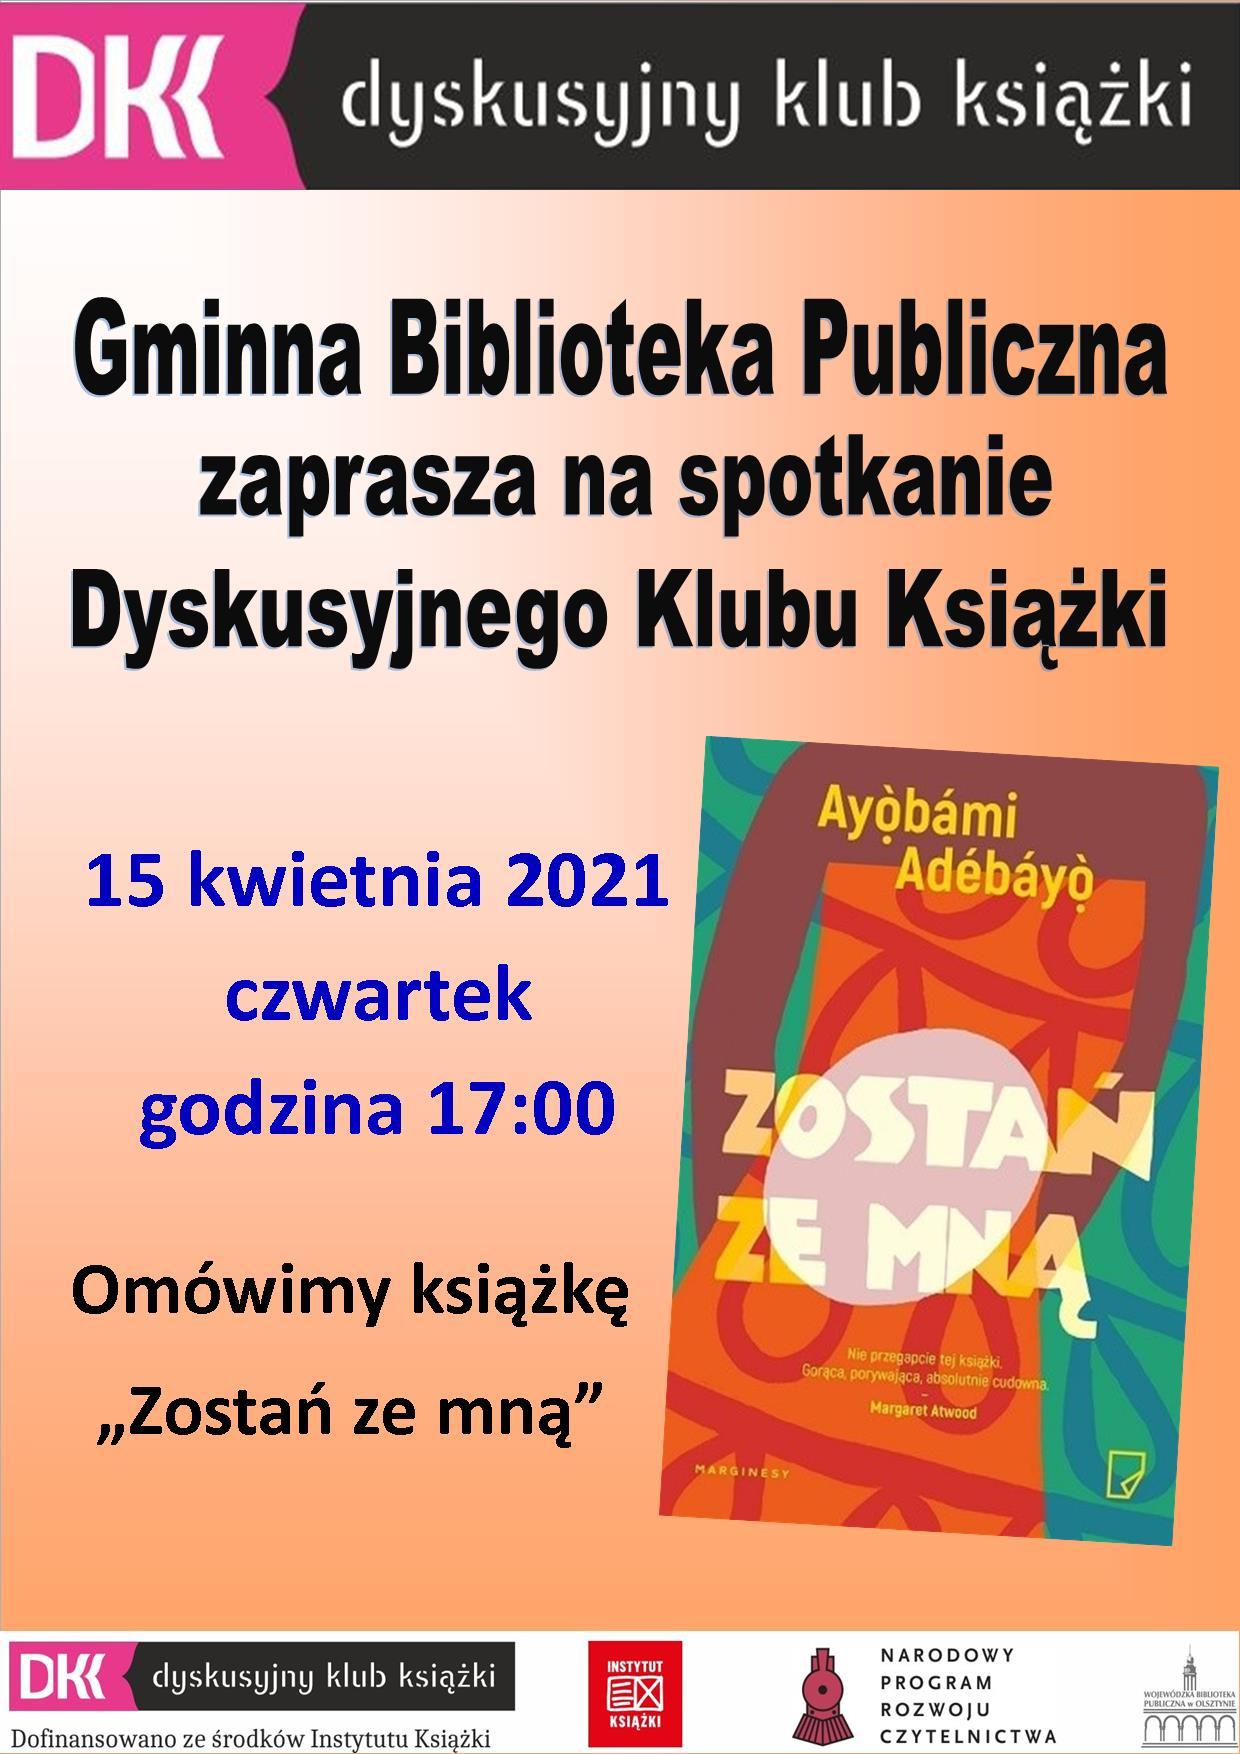 plakat informujący o kolejnym spotkaniu DKK